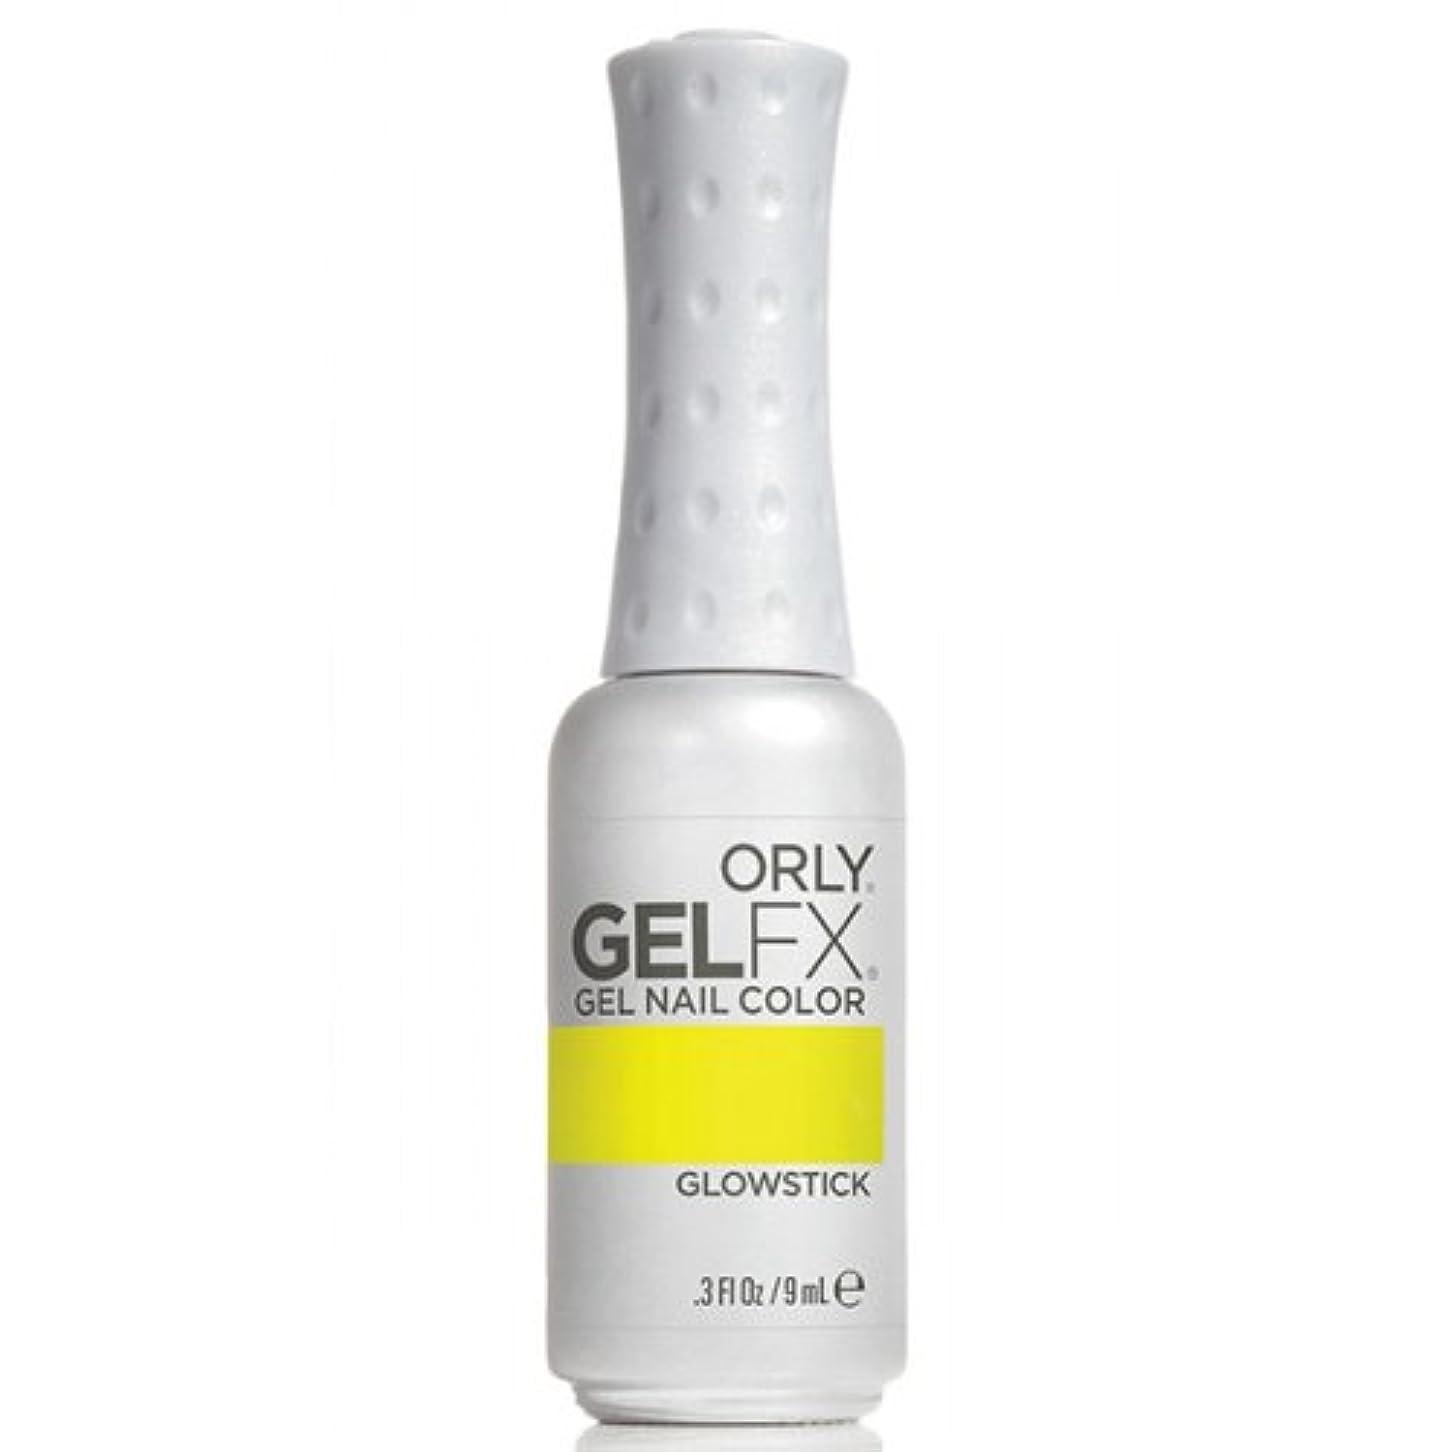 サミュエルあいまい救いORLY(オーリー) ジェル FX ネイルラッカー 9ml Glowstick #30765